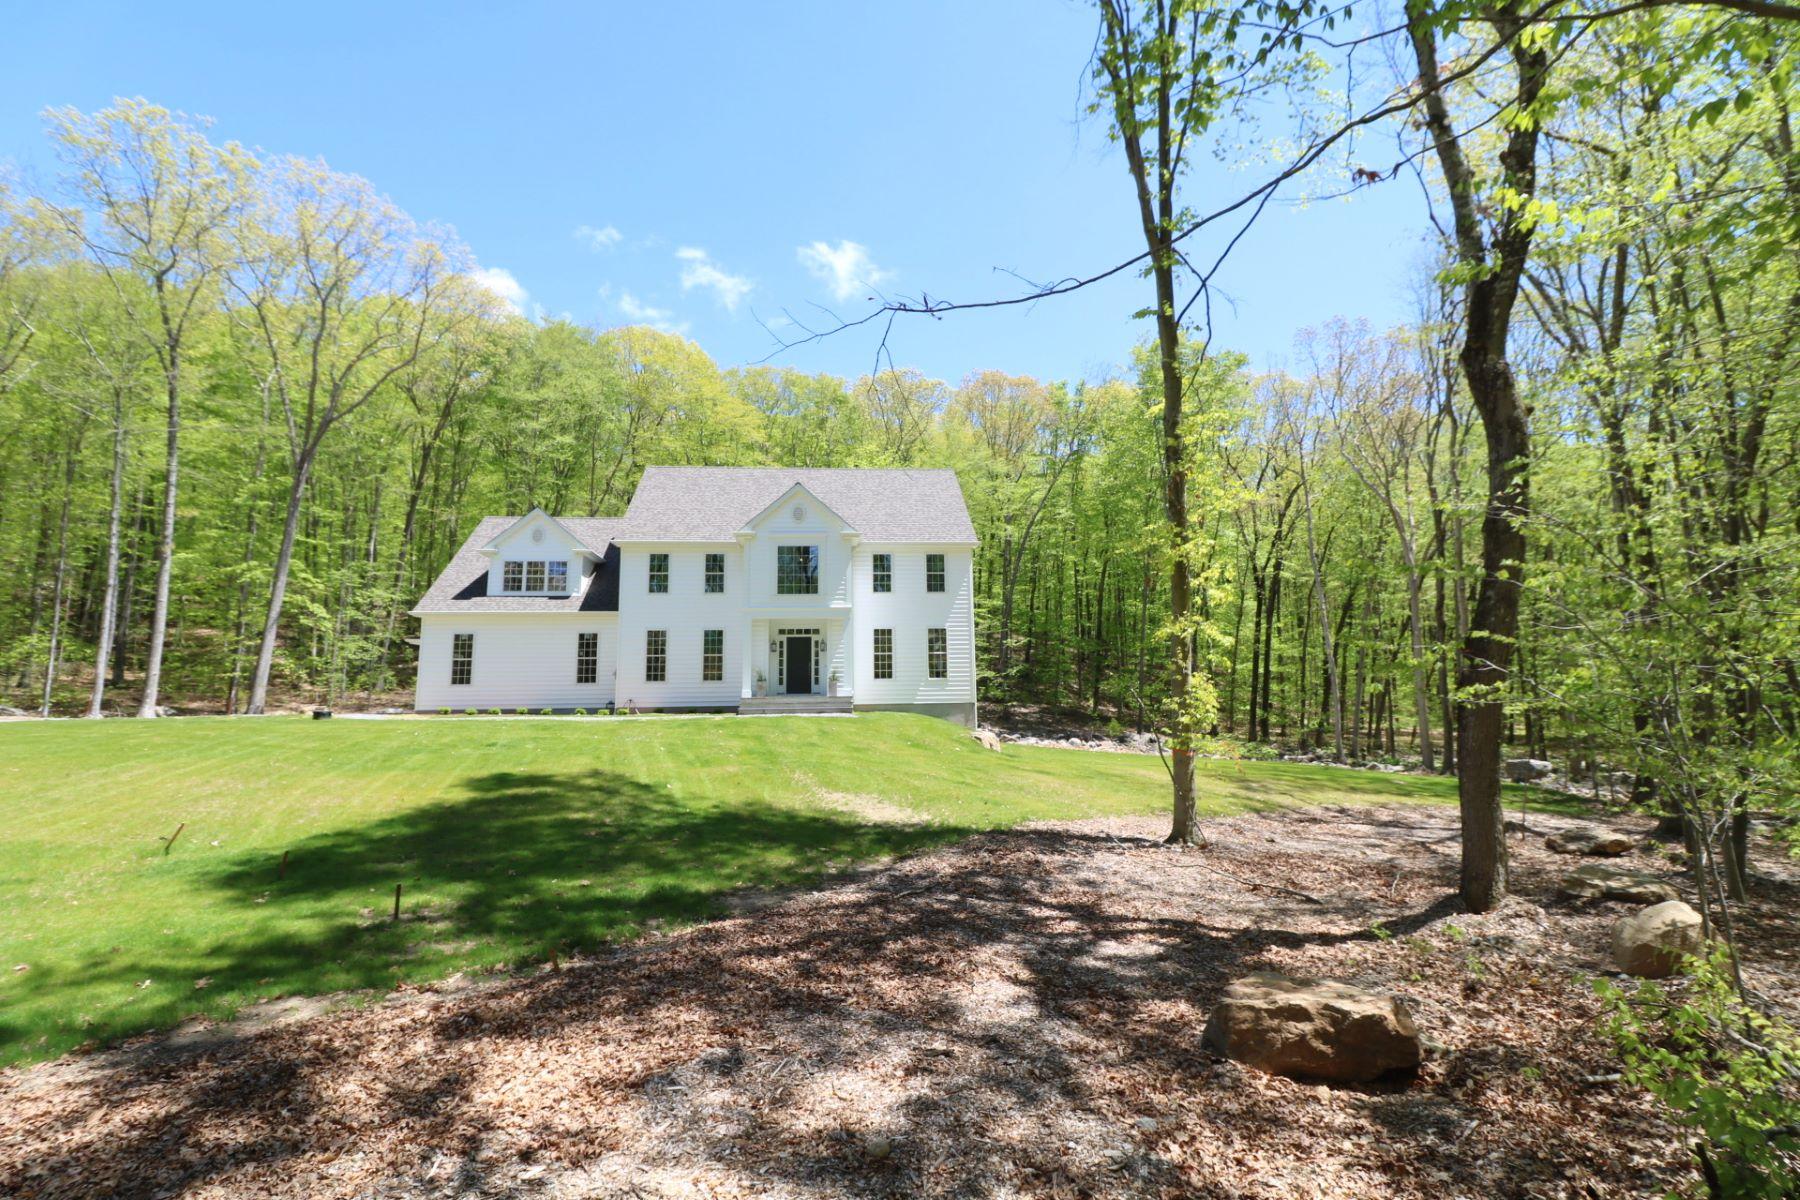 Частный односемейный дом для того Продажа на Beyond The Standard of Excellence! 115 Honeysuckle Hill Lane Easton, Коннектикут 06612 Соединенные Штаты